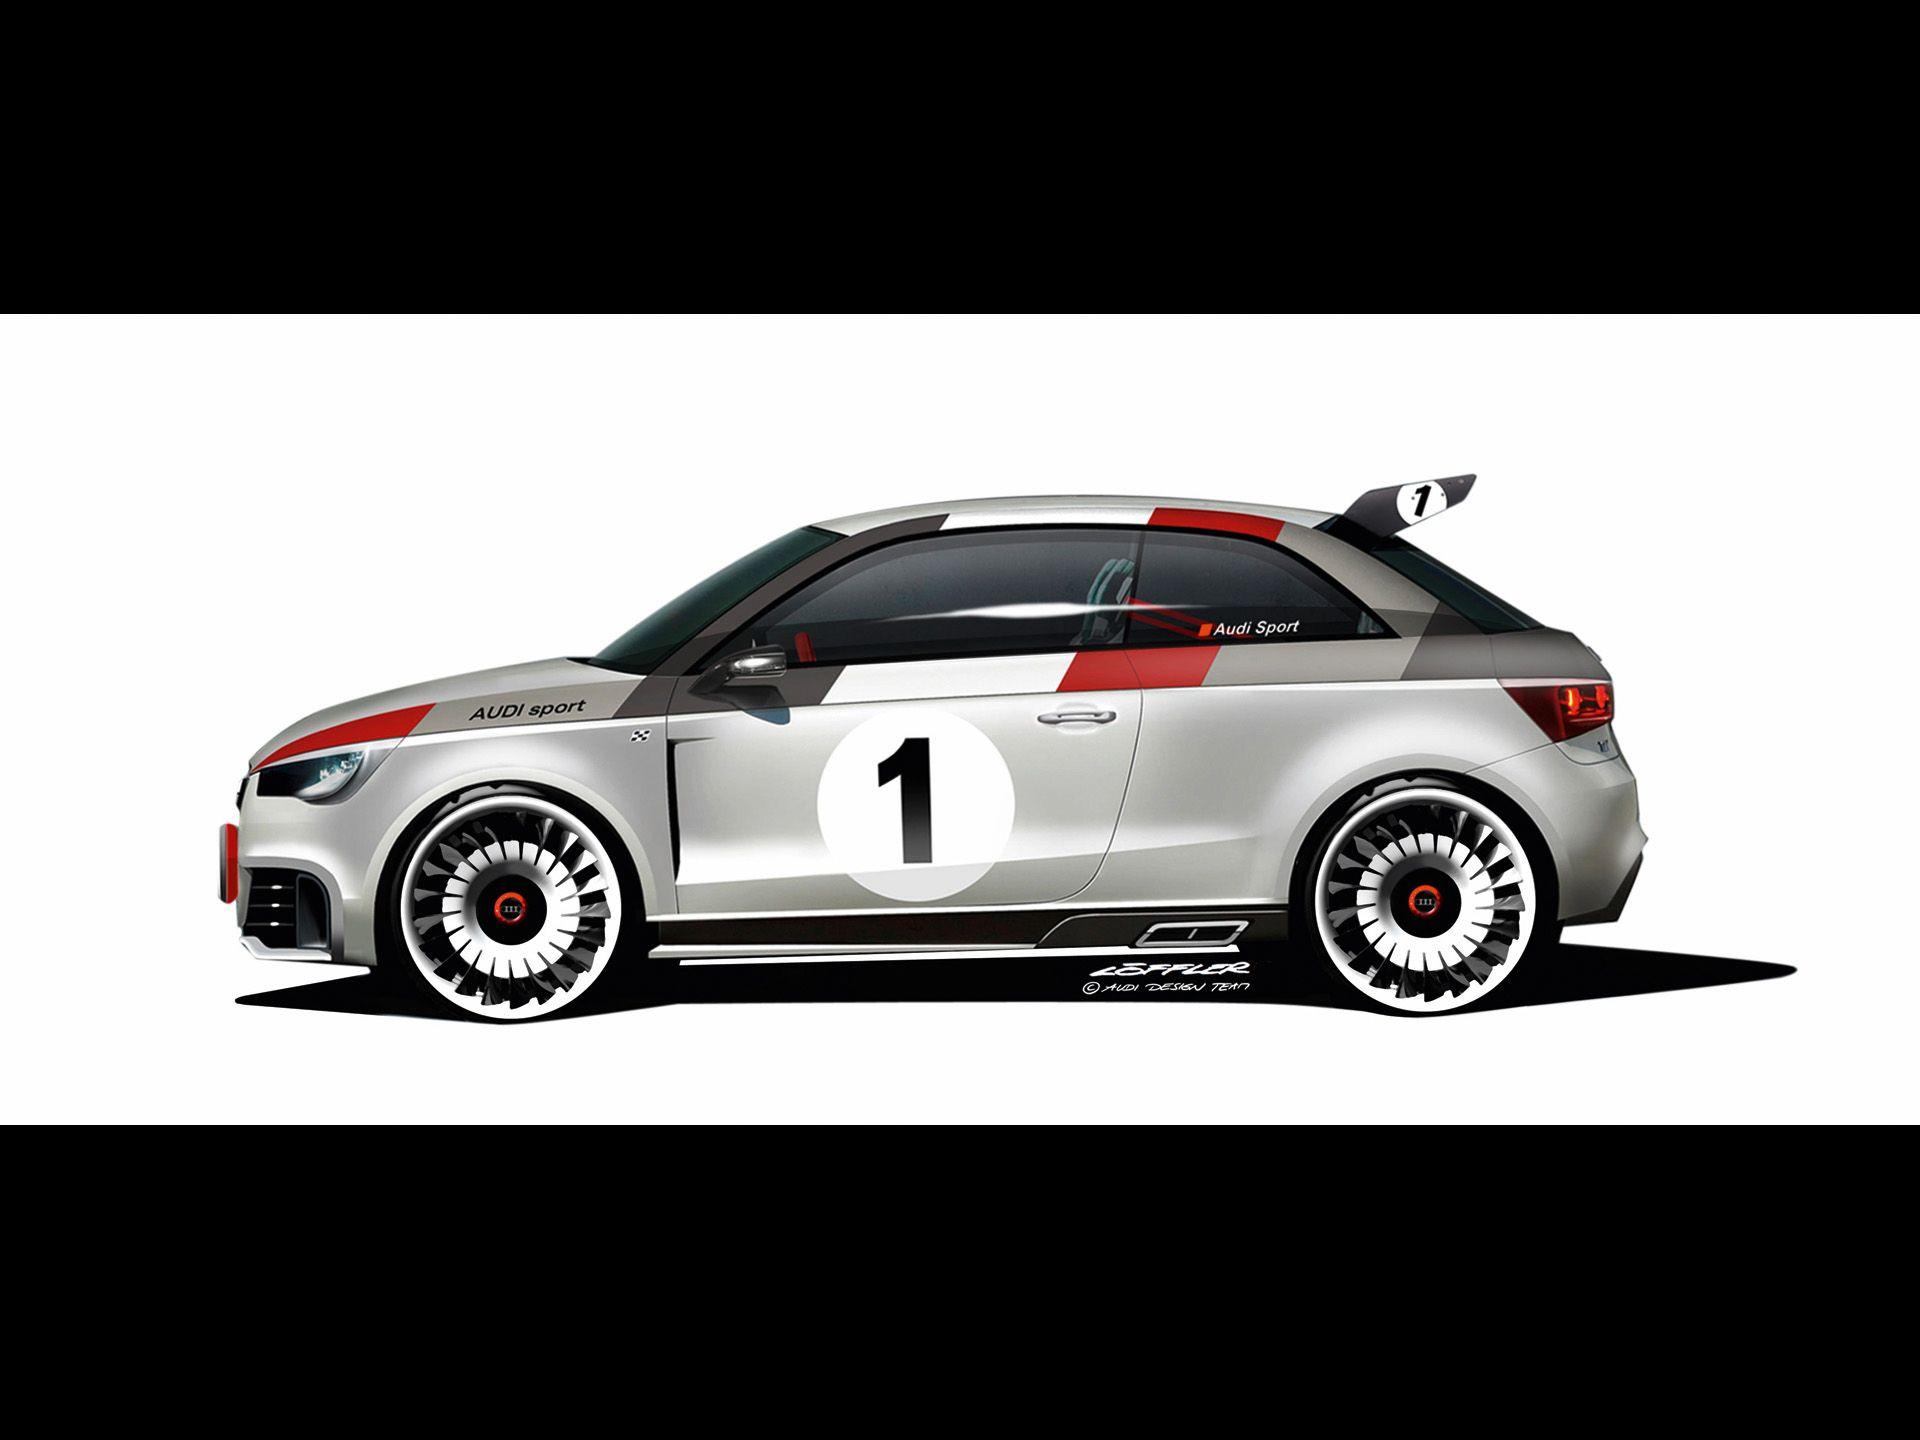 Audi A1 Clubsport Audi A1 Audi Audi Gt